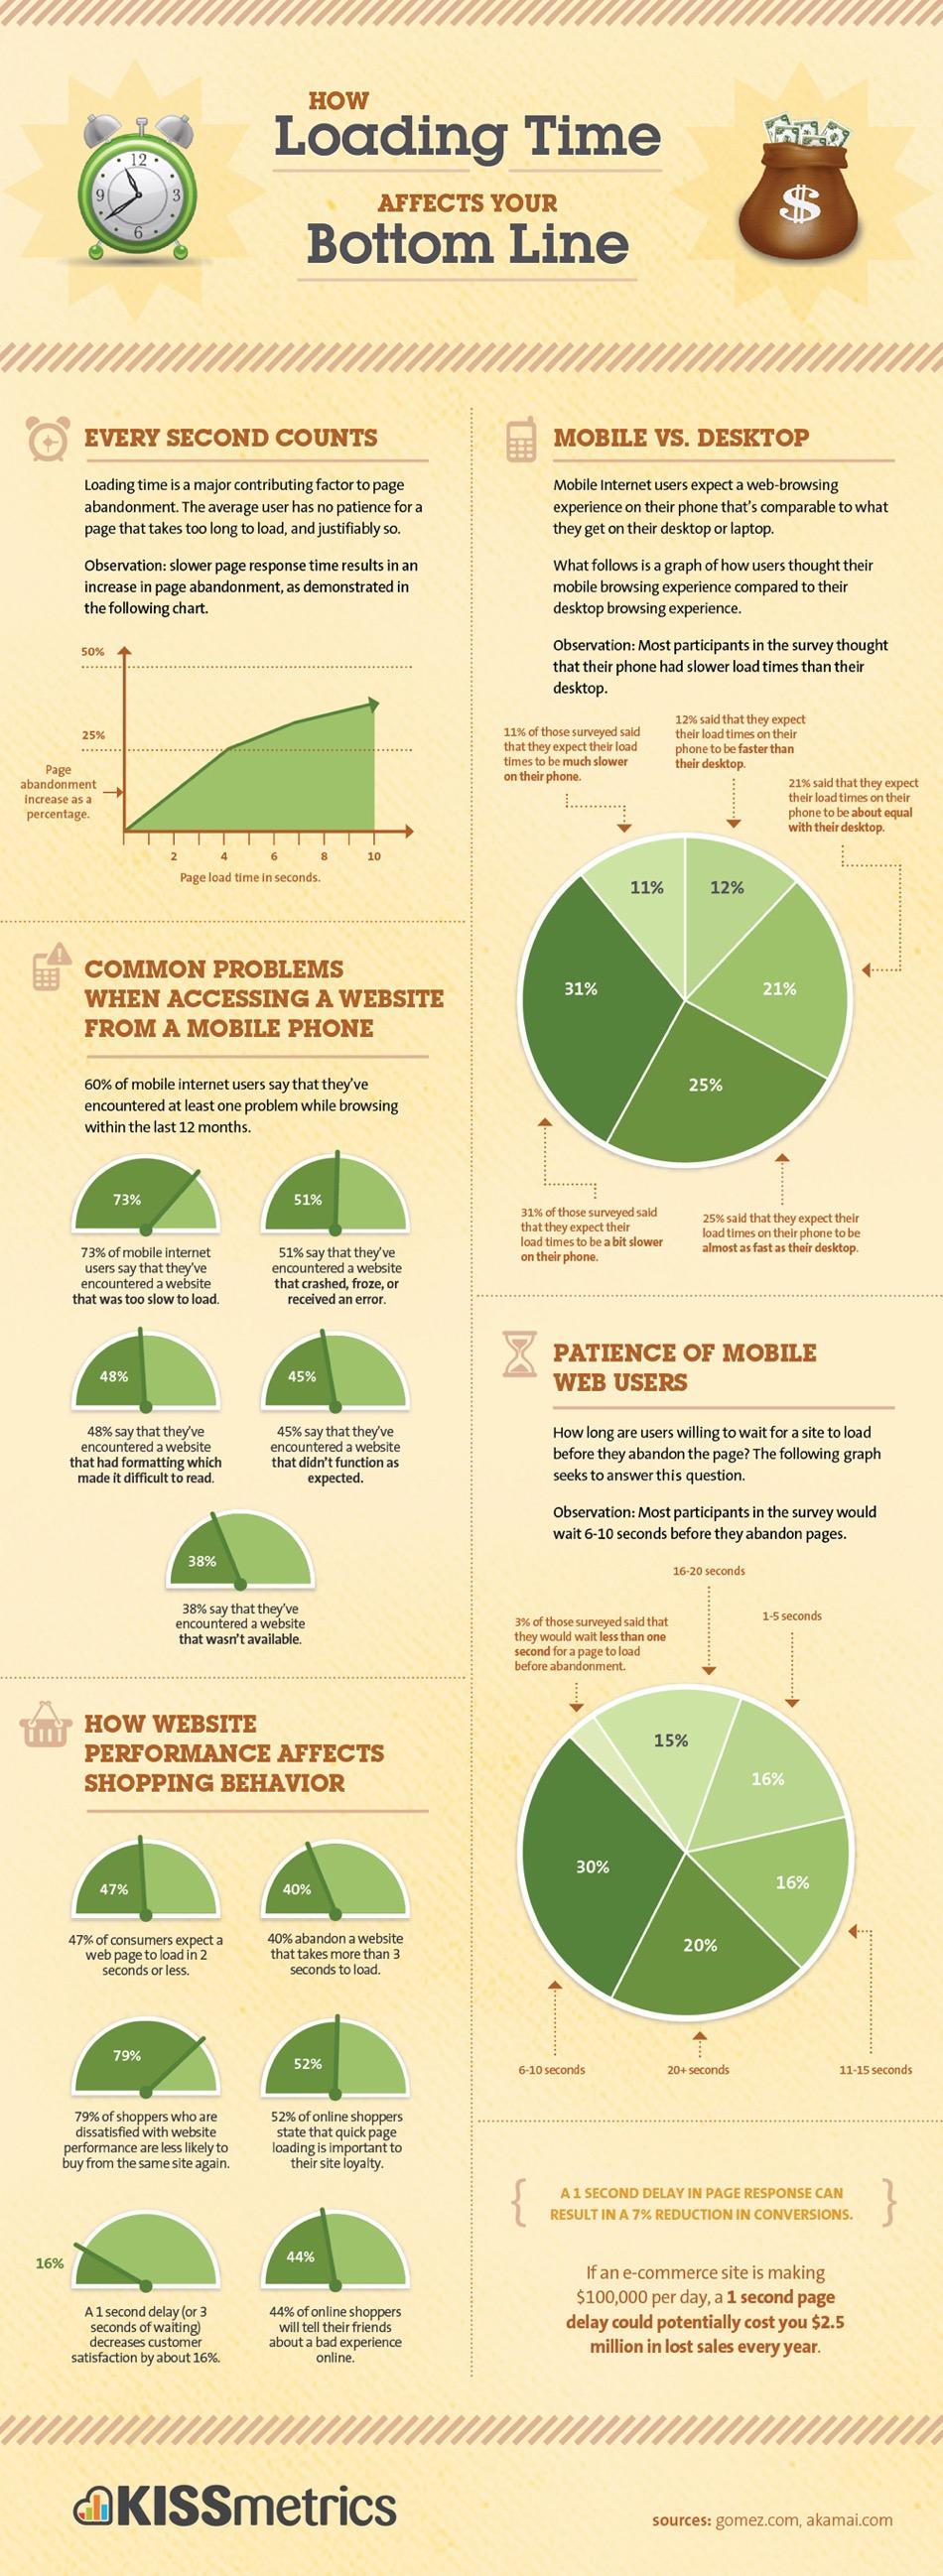 Kết quả nghiên cứu của Gomez.com và Akami.com